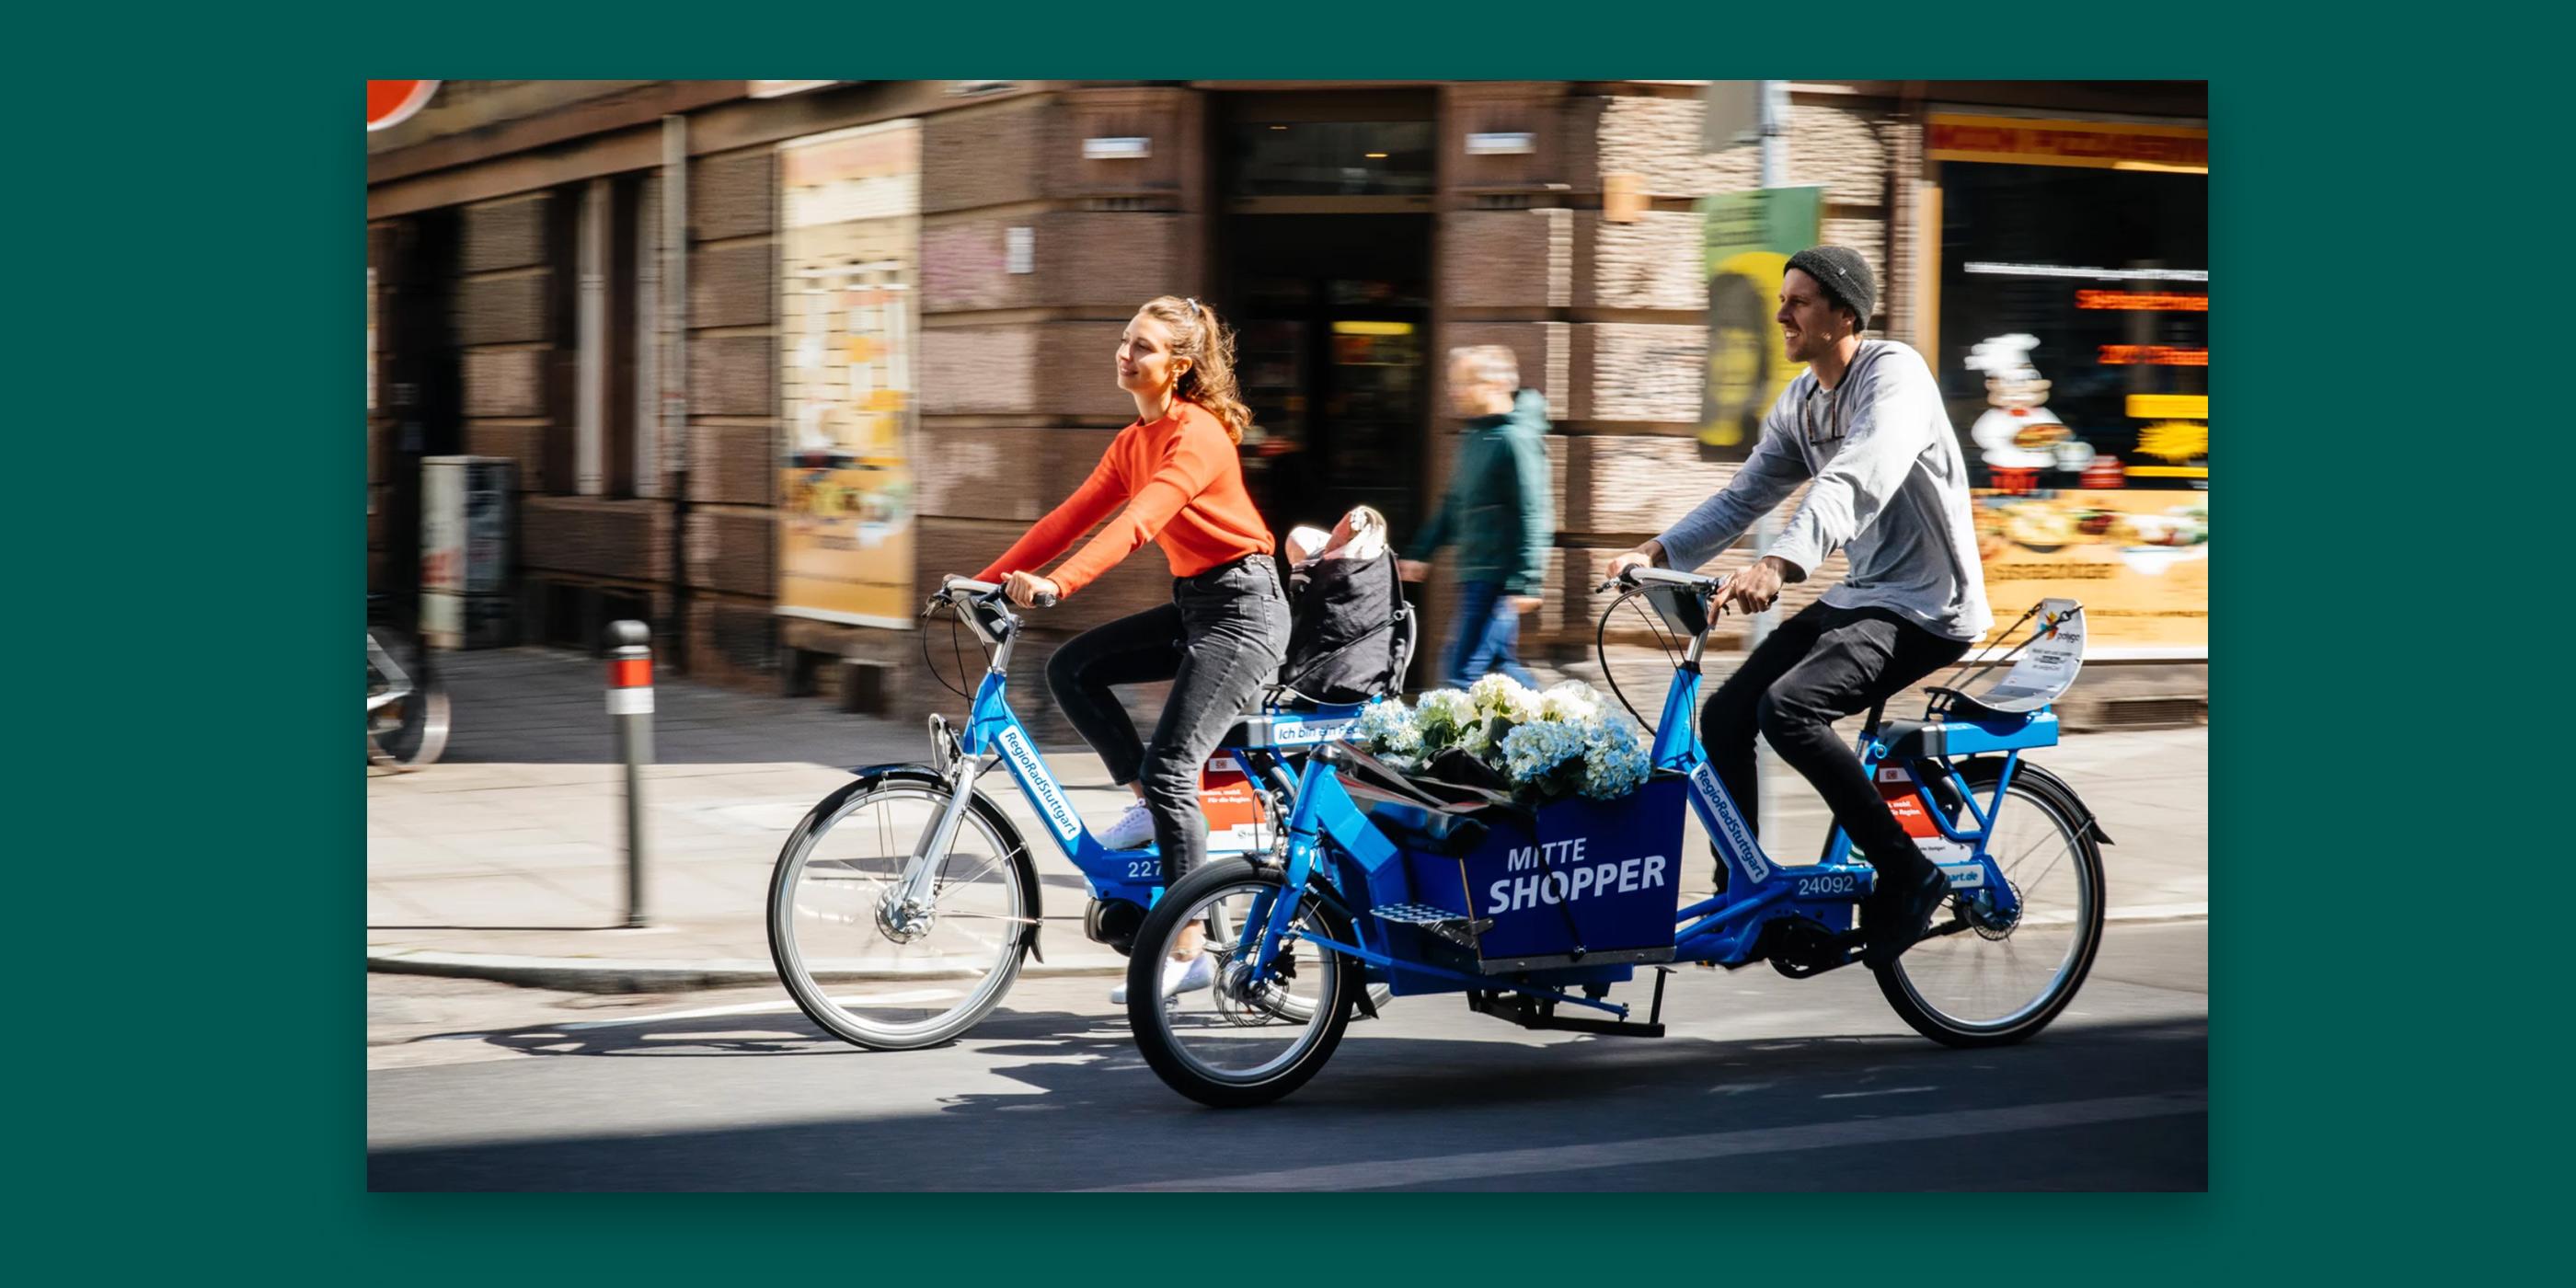 Eine Frau mit einem Fahrrad und rin Mann mit einem Lastenfahrrad von Call a Bike